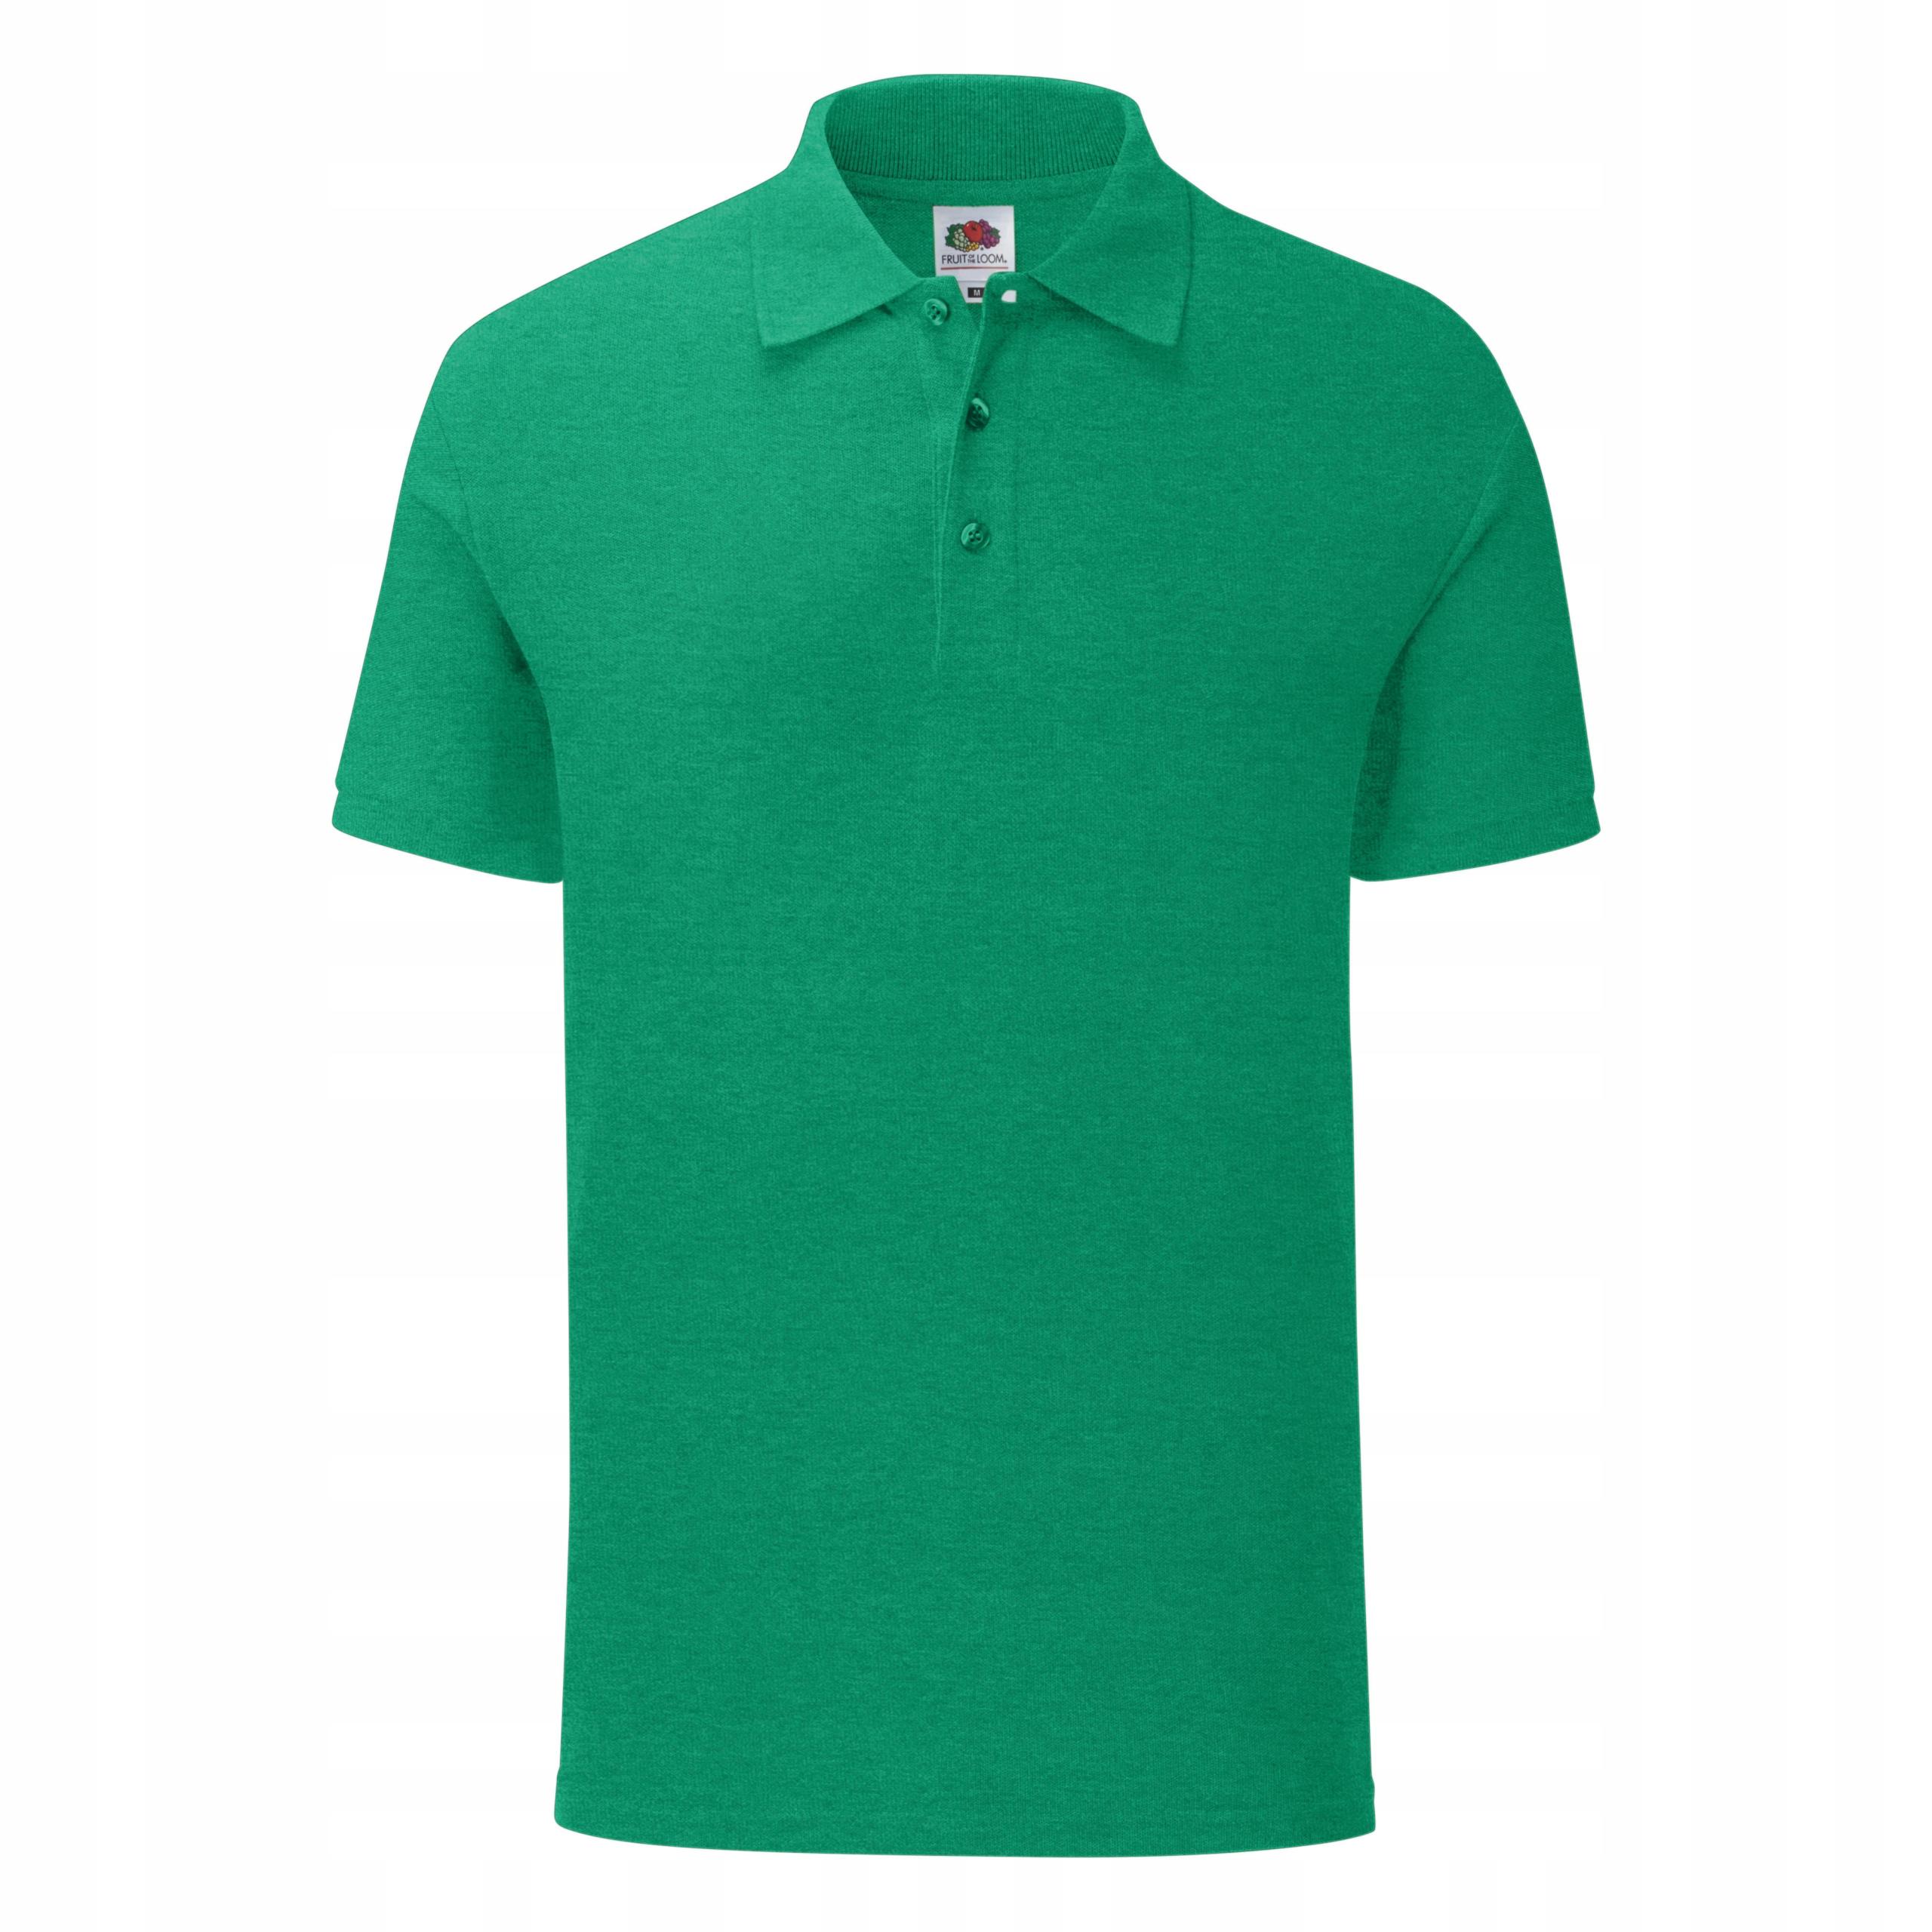 POLO Ikonické tričko FRUIT OF THE LOOM r.green S